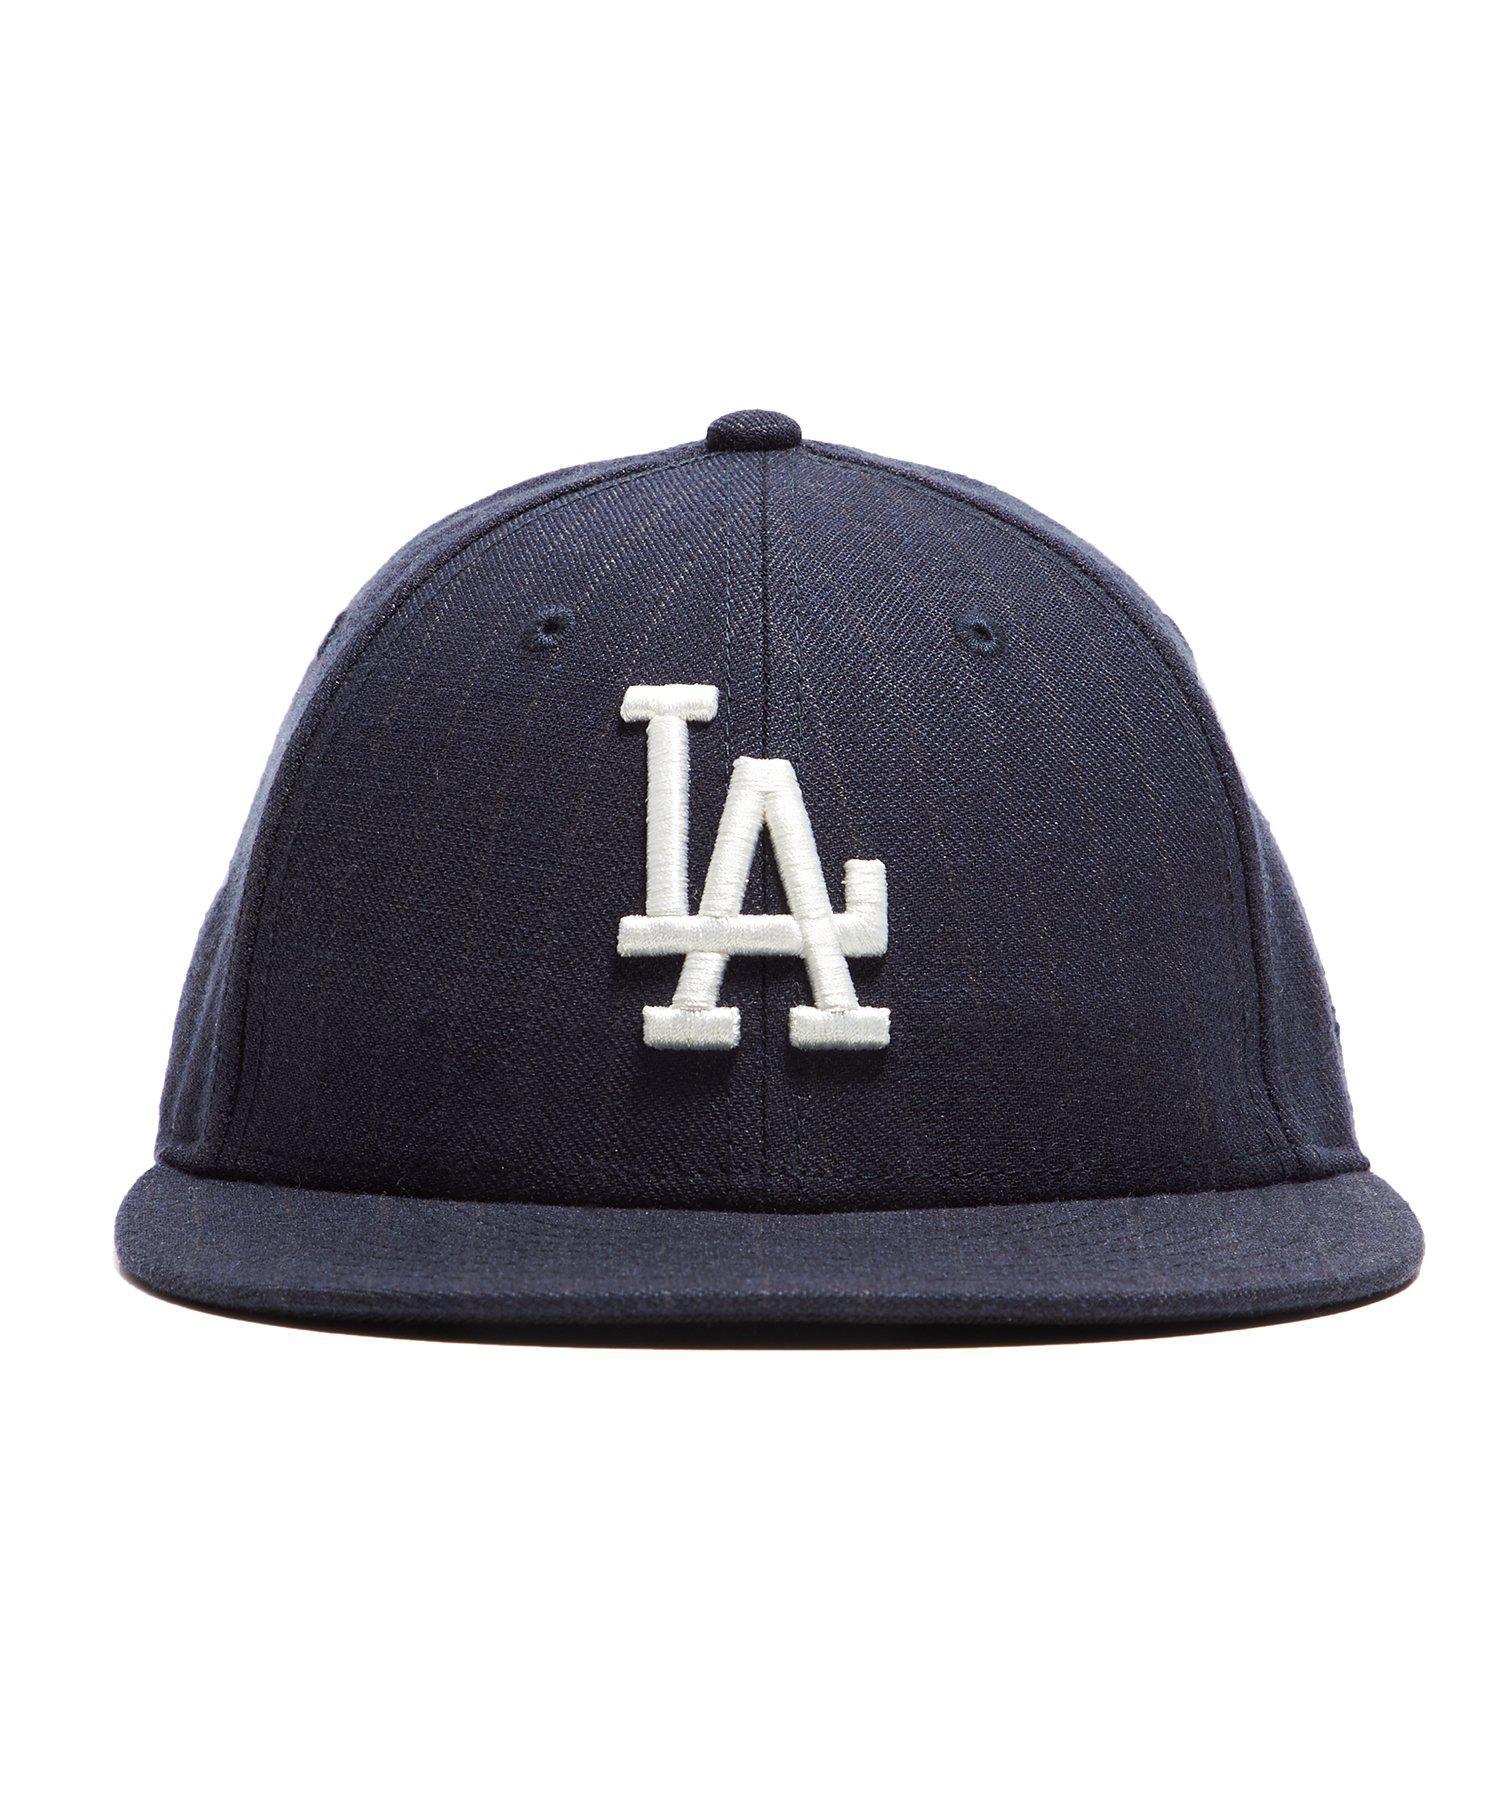 564137b12a1 Lyst - NEW ERA HATS La Dodgers Cap In Navy Pinstripe in Blue for Men